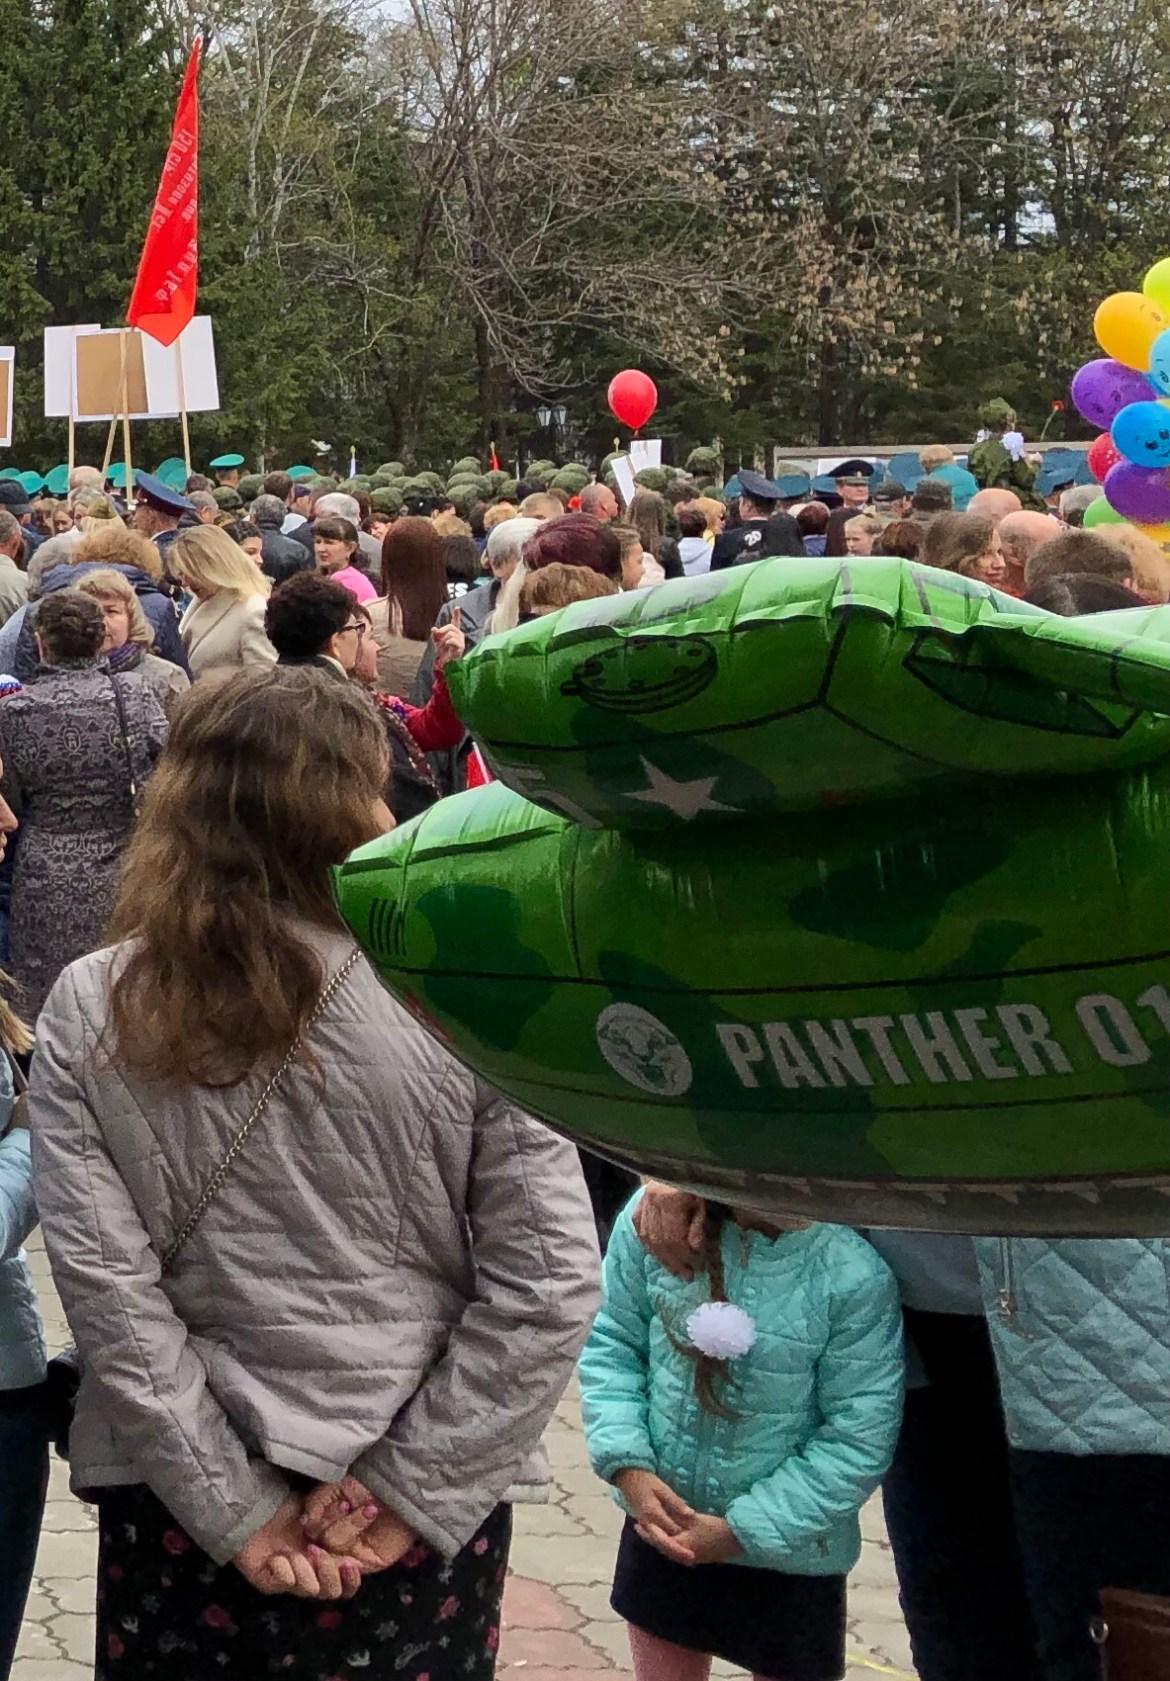 На митинге в честь 74-й годовщины Победы в Биробиджане продавали шарики в виде танков. На них была надпись «Пантера»